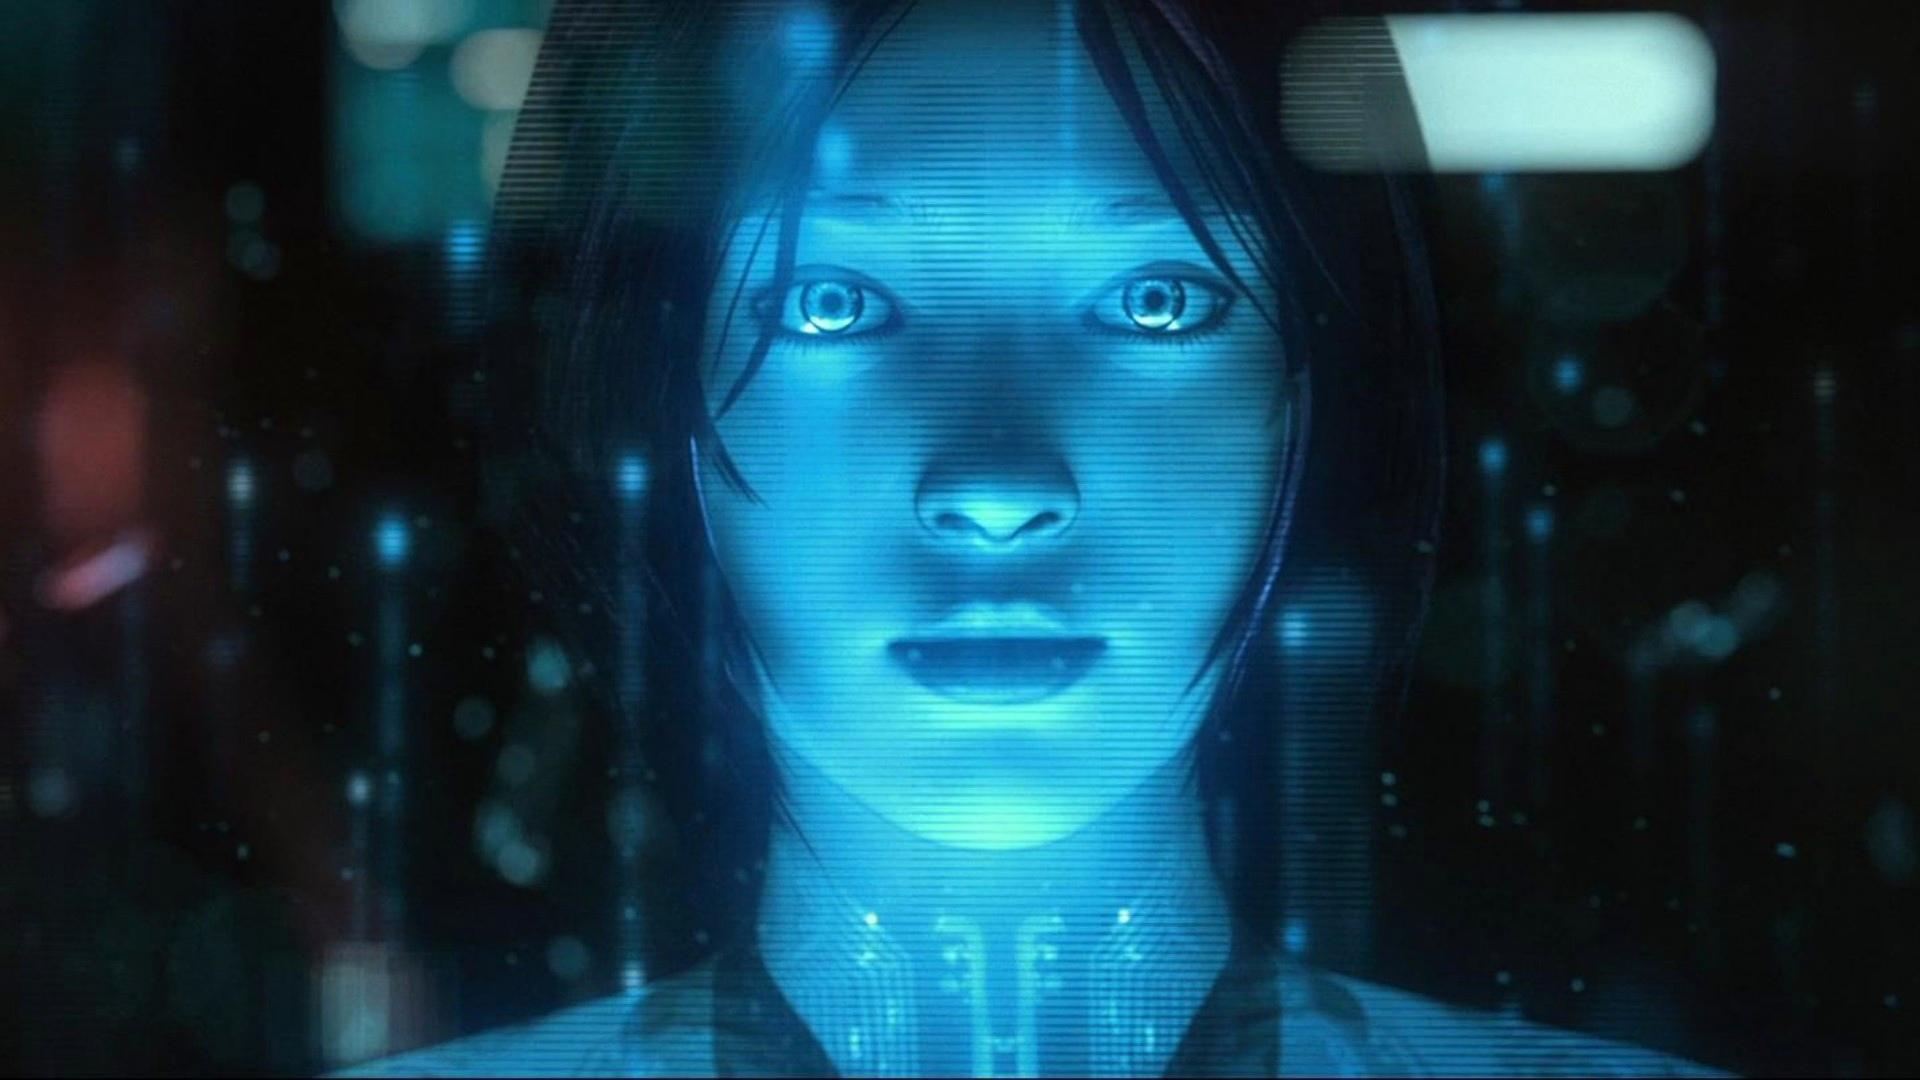 Cortana, la nouvelle IA de Microsoft, reprend le physique de l'un des personnages principaux de la série Halo.